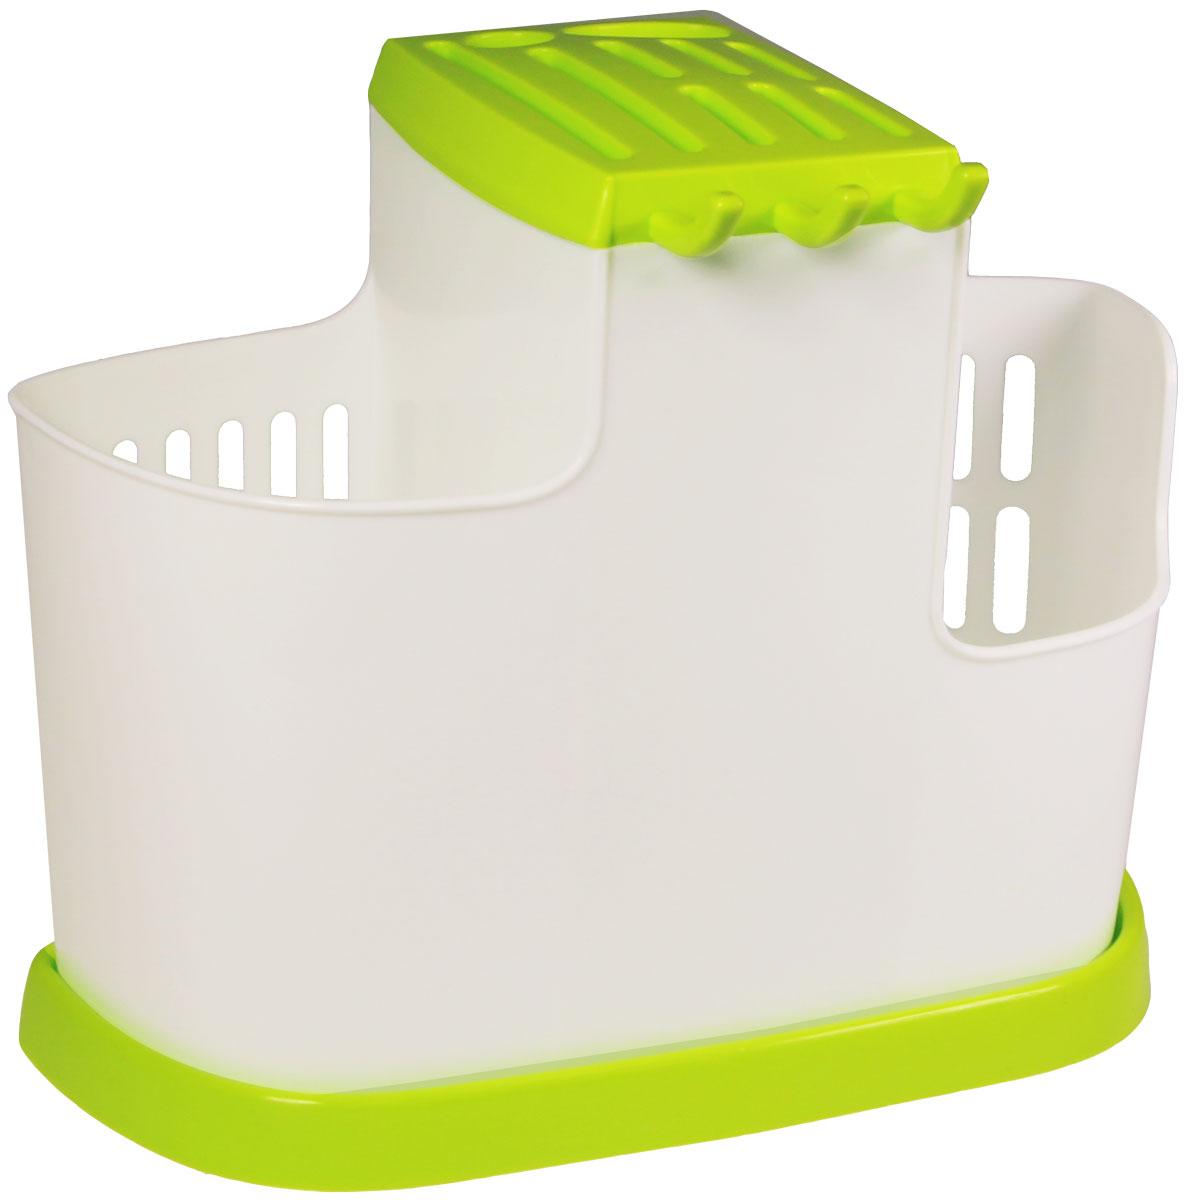 Органайзер кухонный Idea, цвет: салатовый, 19 х 25 х 14,5 см органайзер для специй idea цвет белый 6 х 16 х 16 см